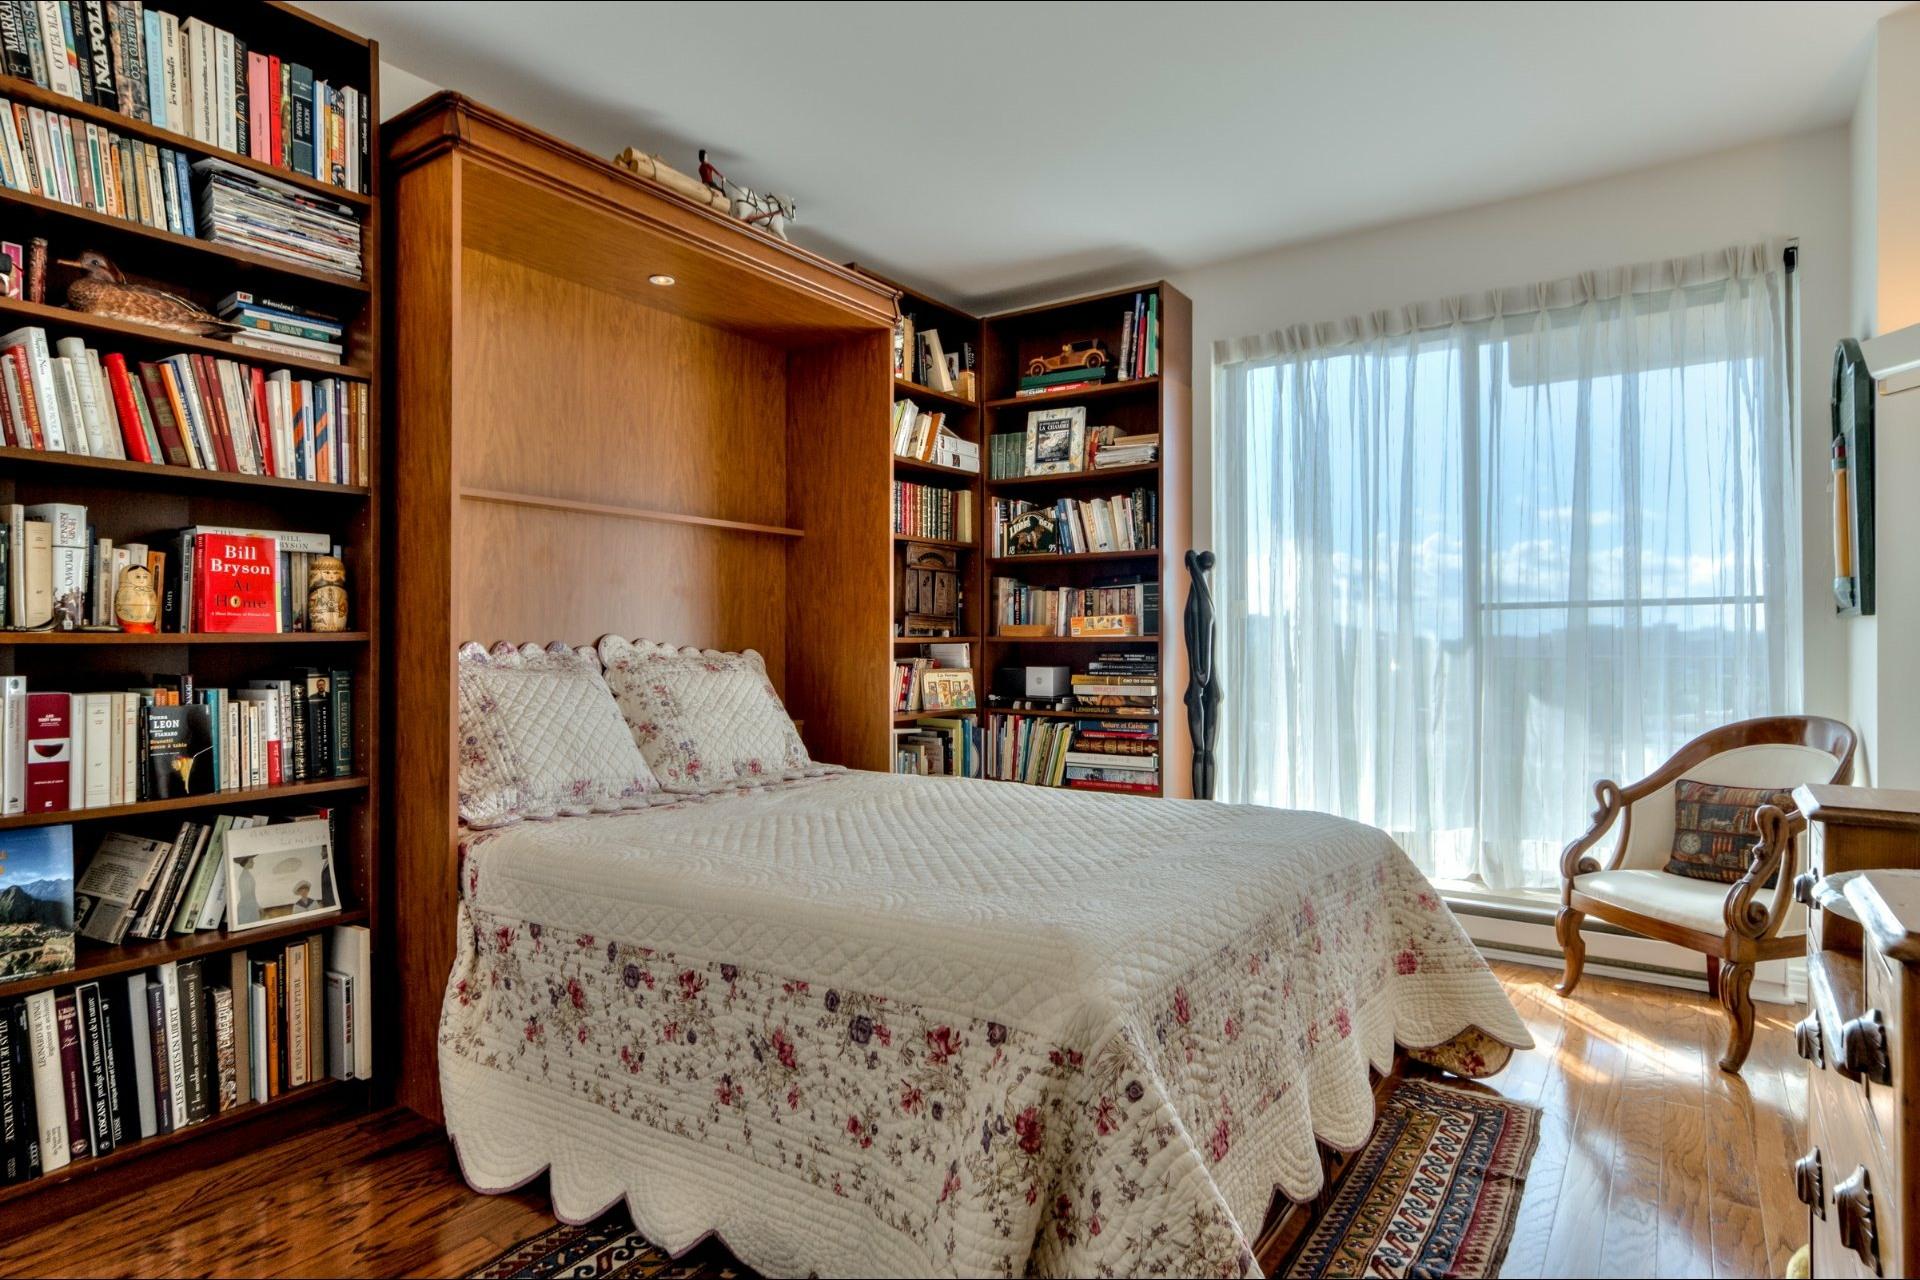 image 23 - Appartement À vendre Côte-des-Neiges/Notre-Dame-de-Grâce Montréal  - 12 pièces